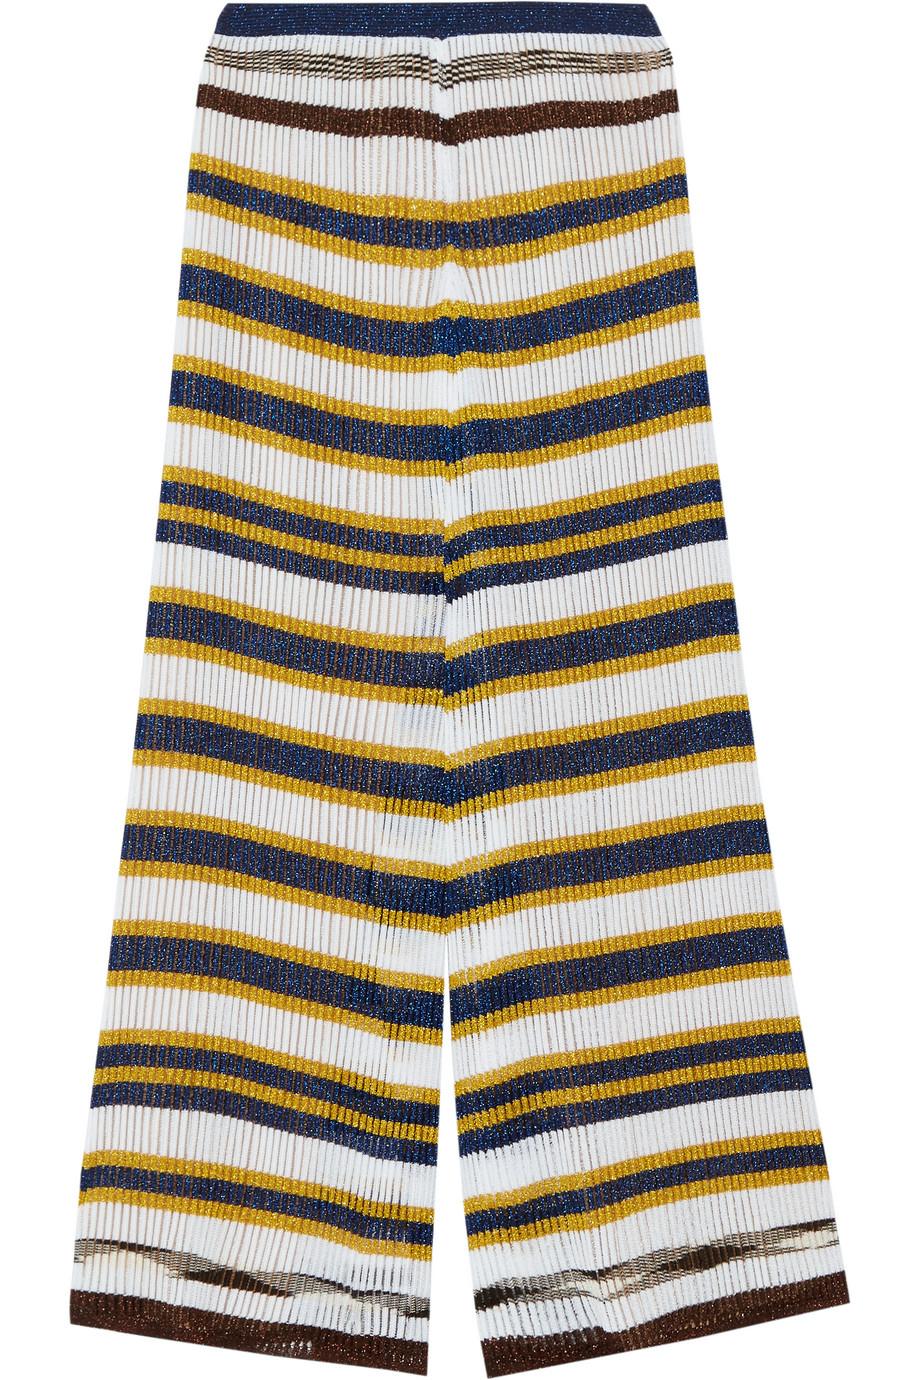 Missoni Striped Crochet-Knit Wide-Leg Pants, Off-White/Yellow, Women's, Size: 44